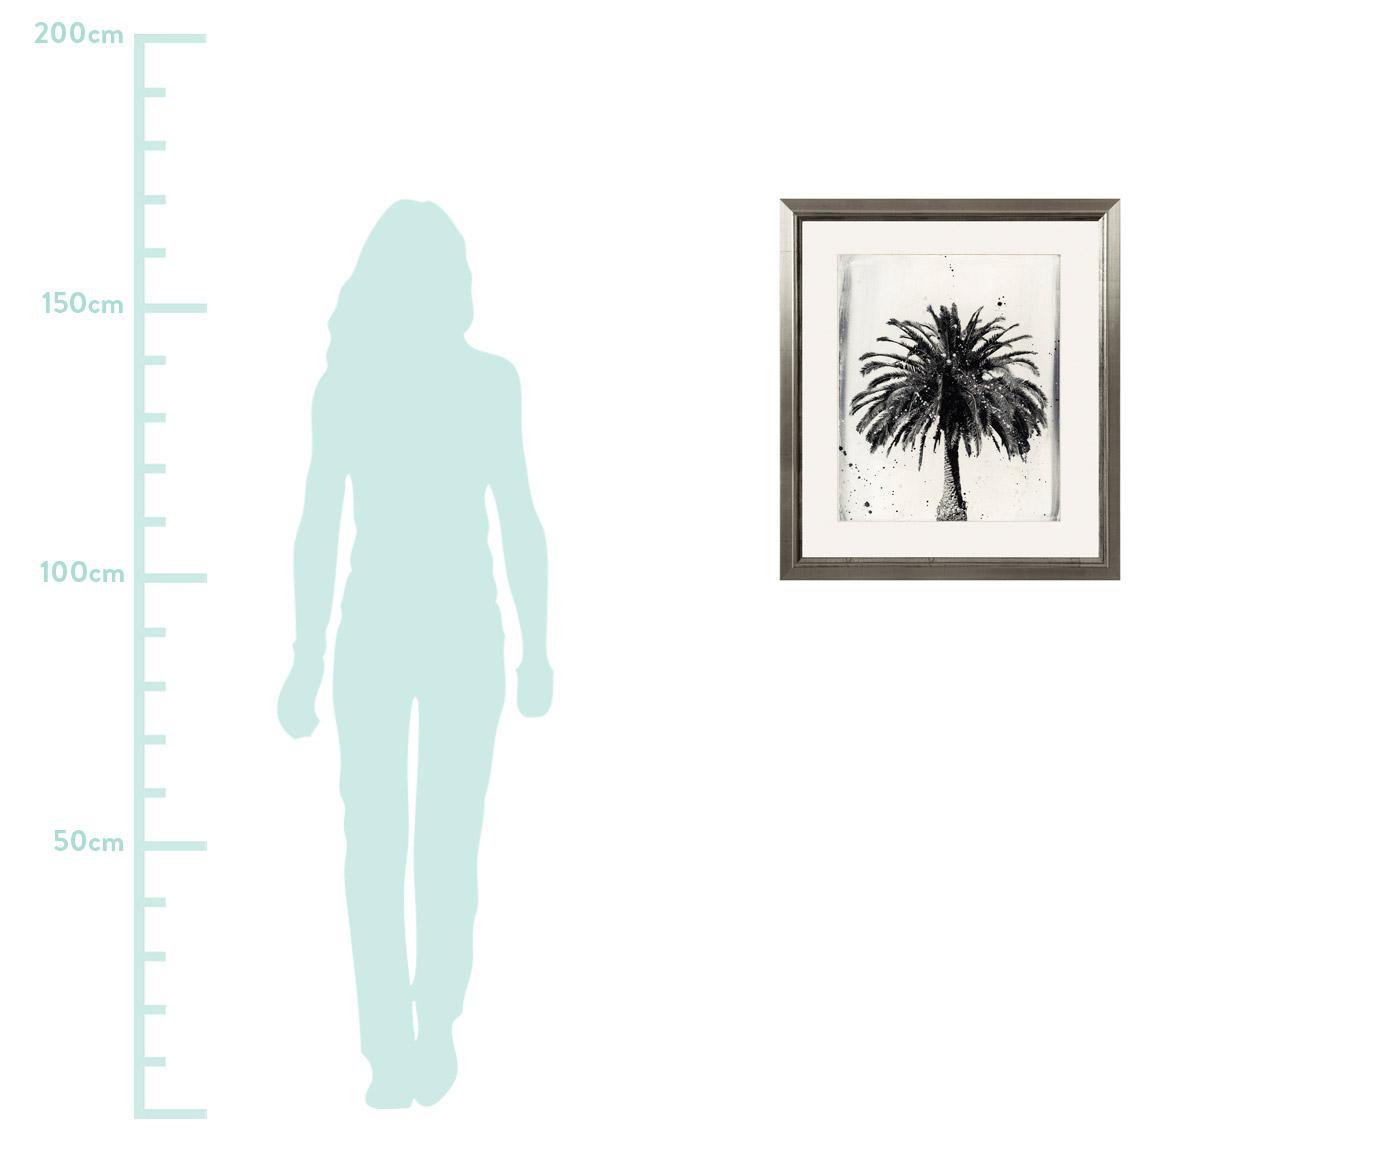 Gerahmter Digitaldruck L.A Dream, Bild: Digitaldruck, Rahmen: Holz, Front: Plexiglas, Bild: Schwarz, WeissRahmen: Silberfarben, 60 x 70 cm